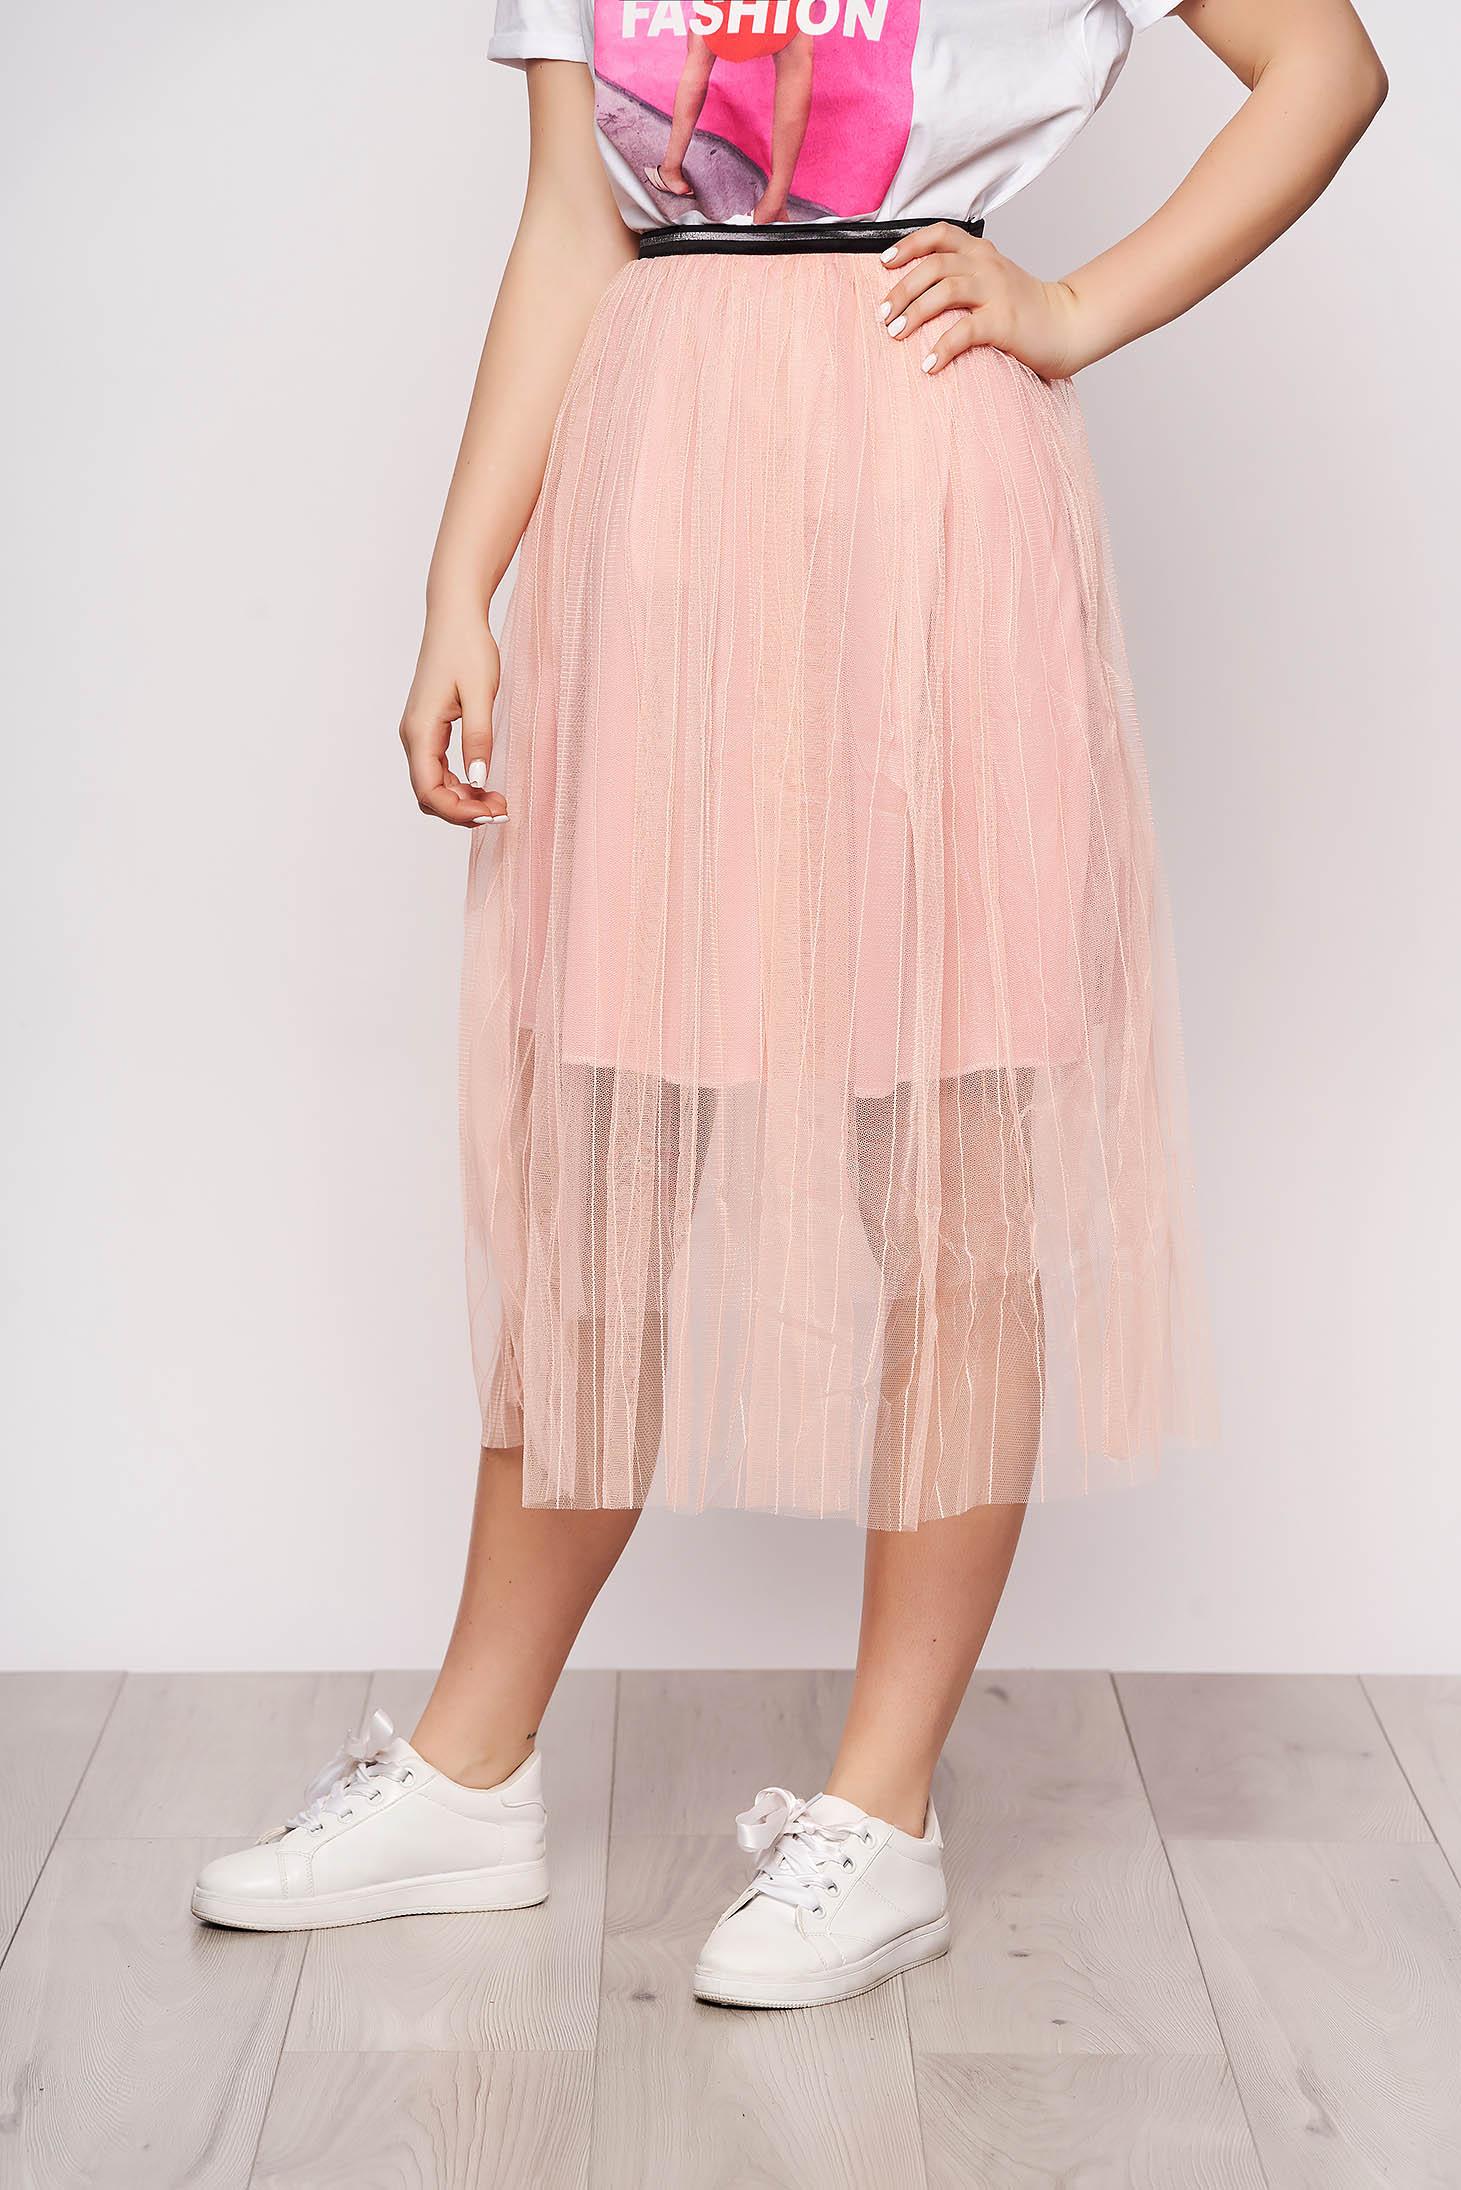 Púder rózsaszínű szoknya casual midi harang tüllből gumírozott derekú béléssel